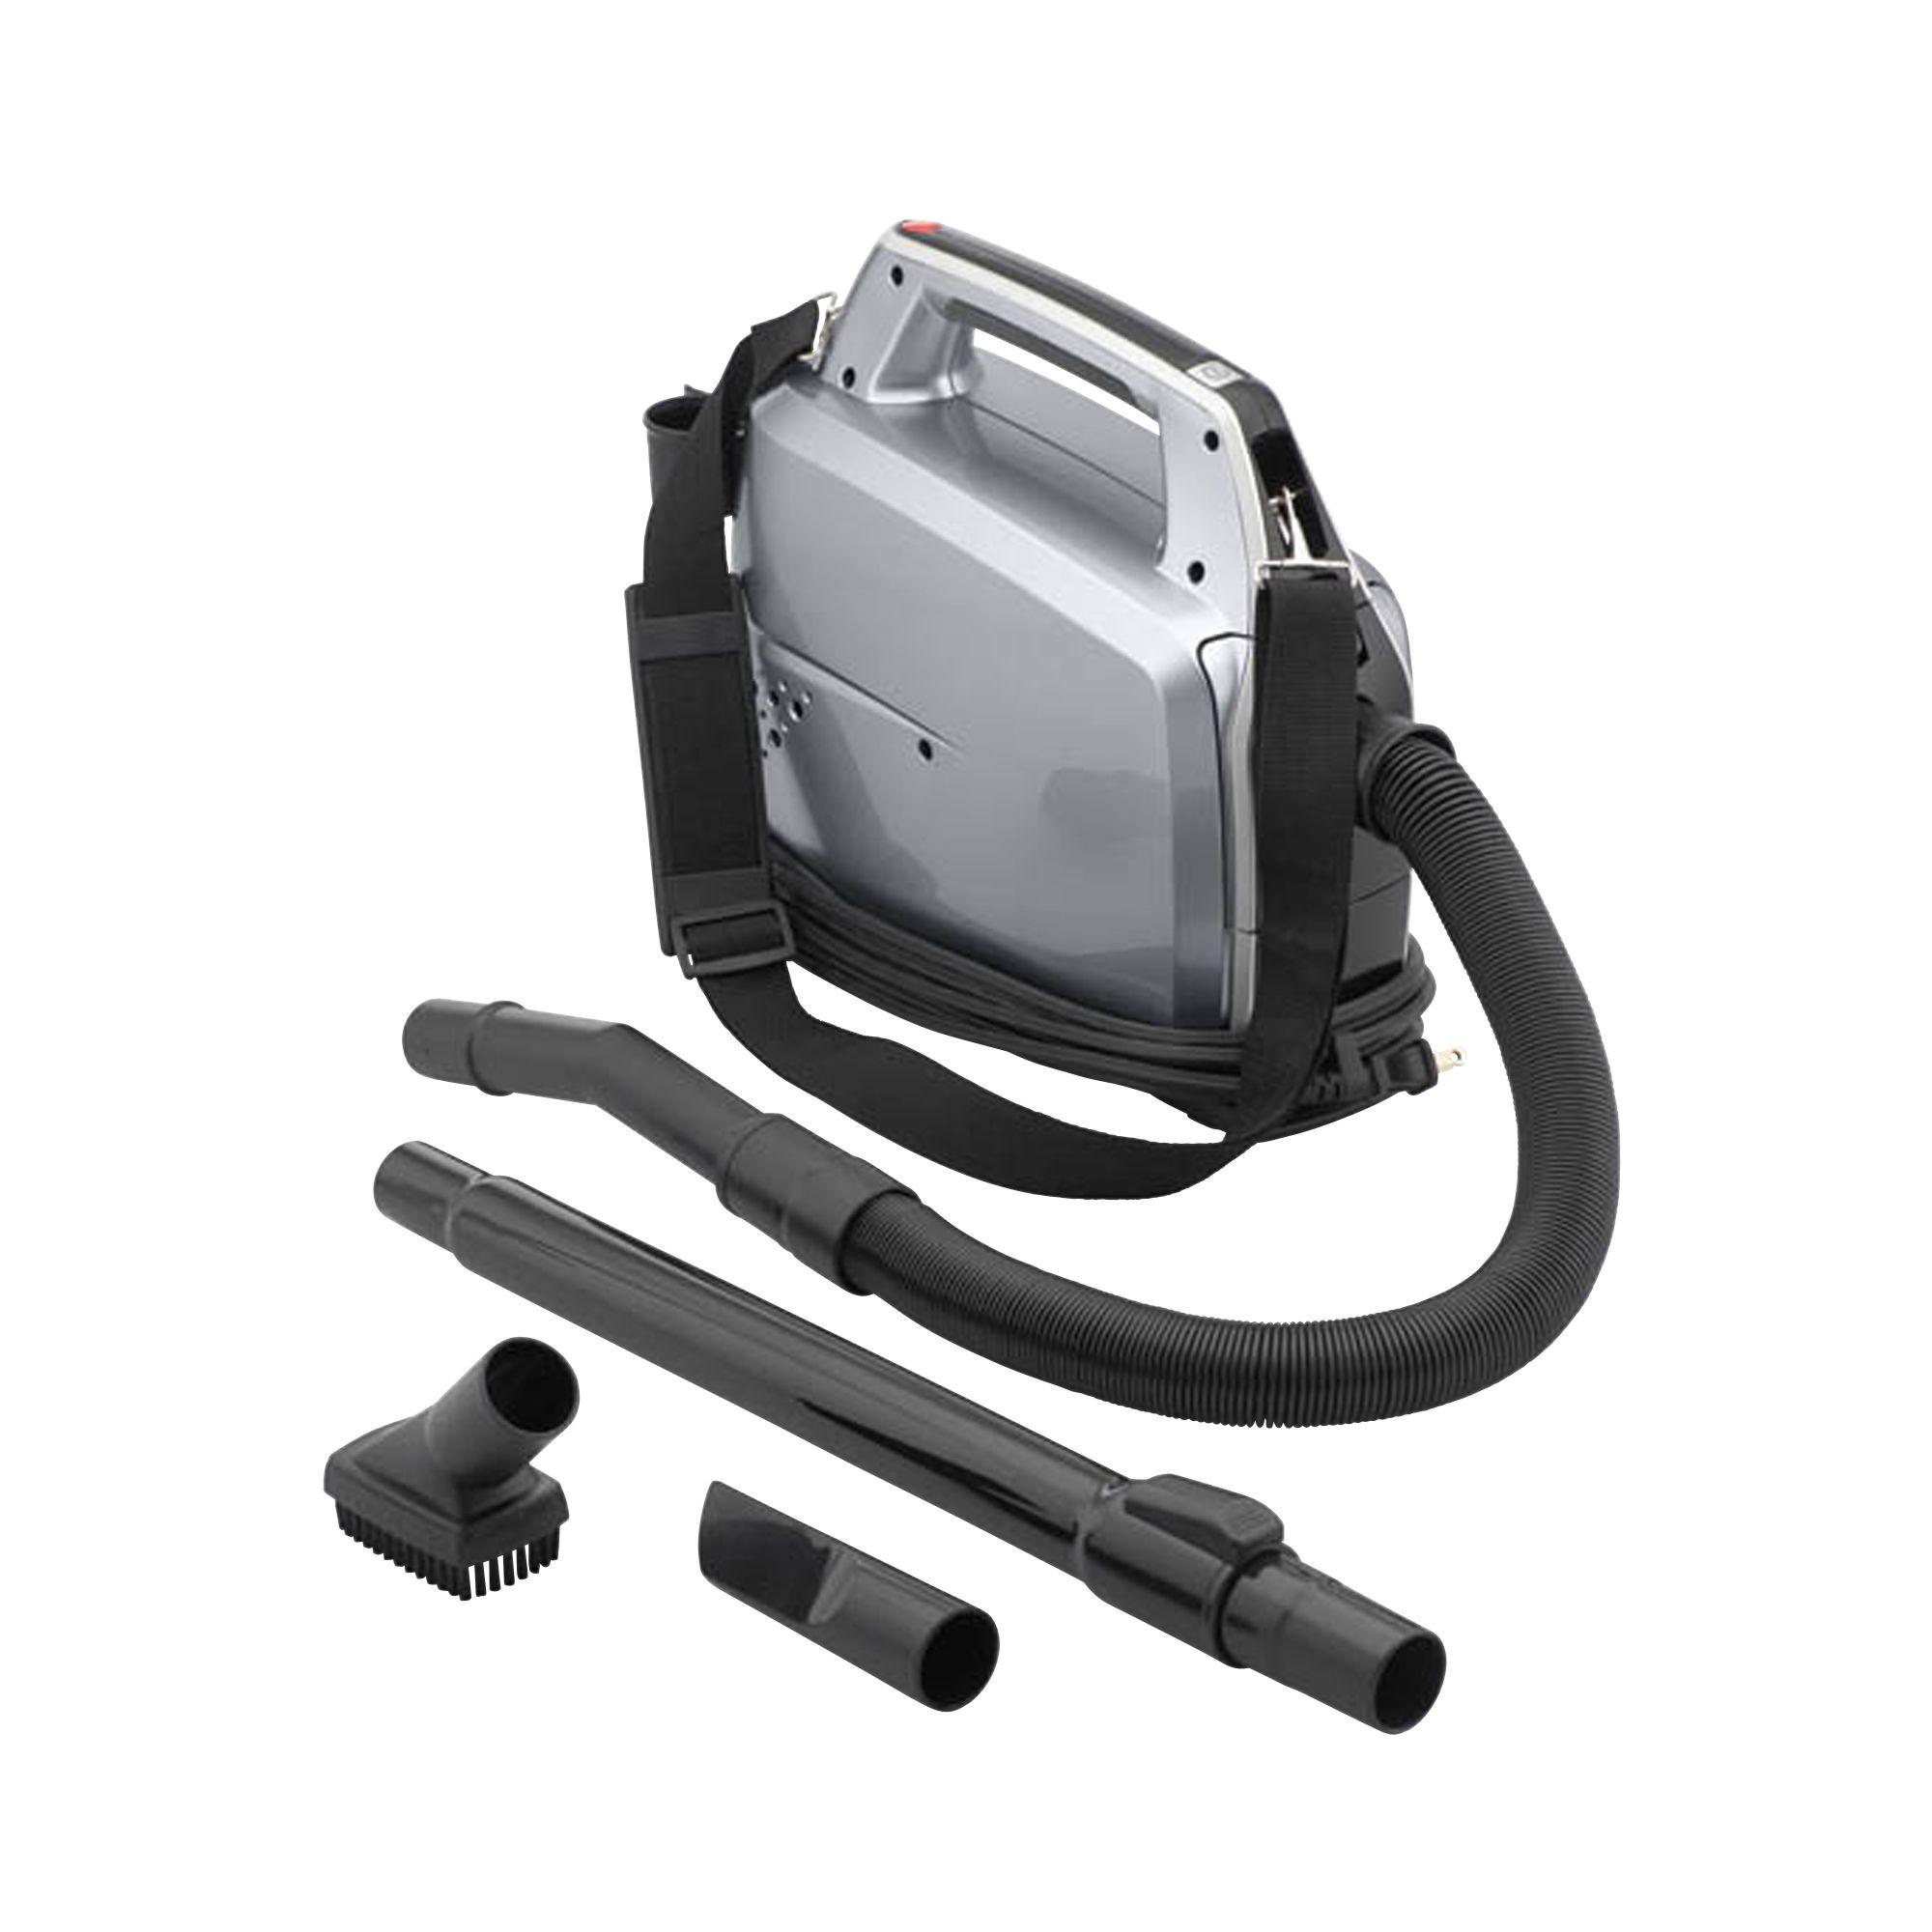 Hoover Platinum Upright Vacuum Cleaner